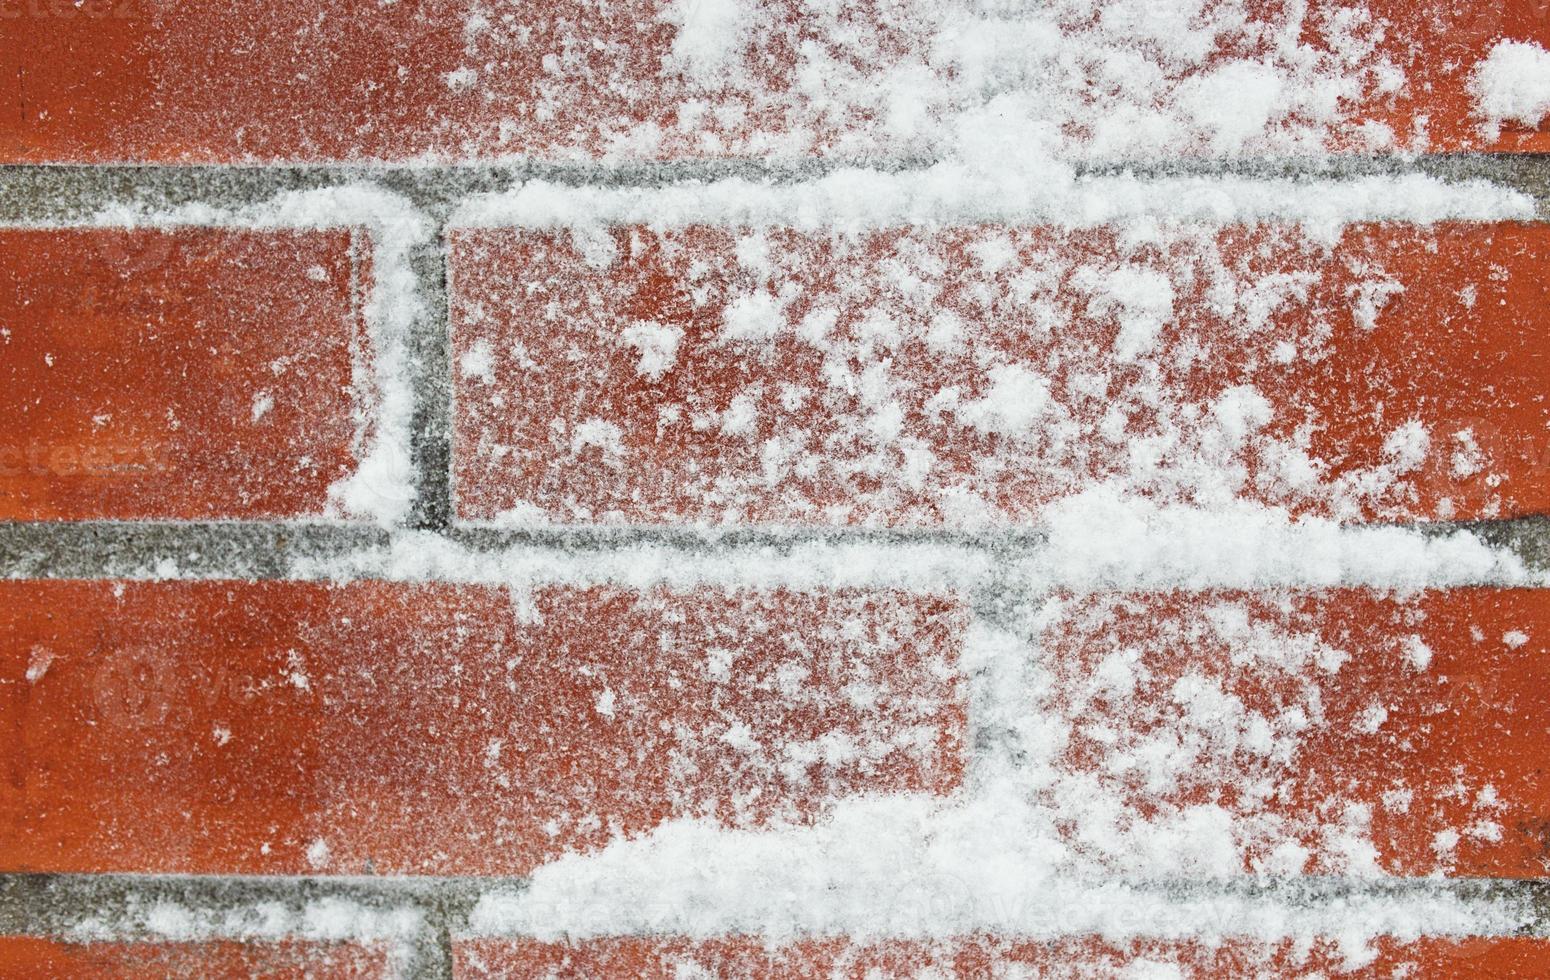 schneebedeckte Ziegelmauer Nahaufnahme foto